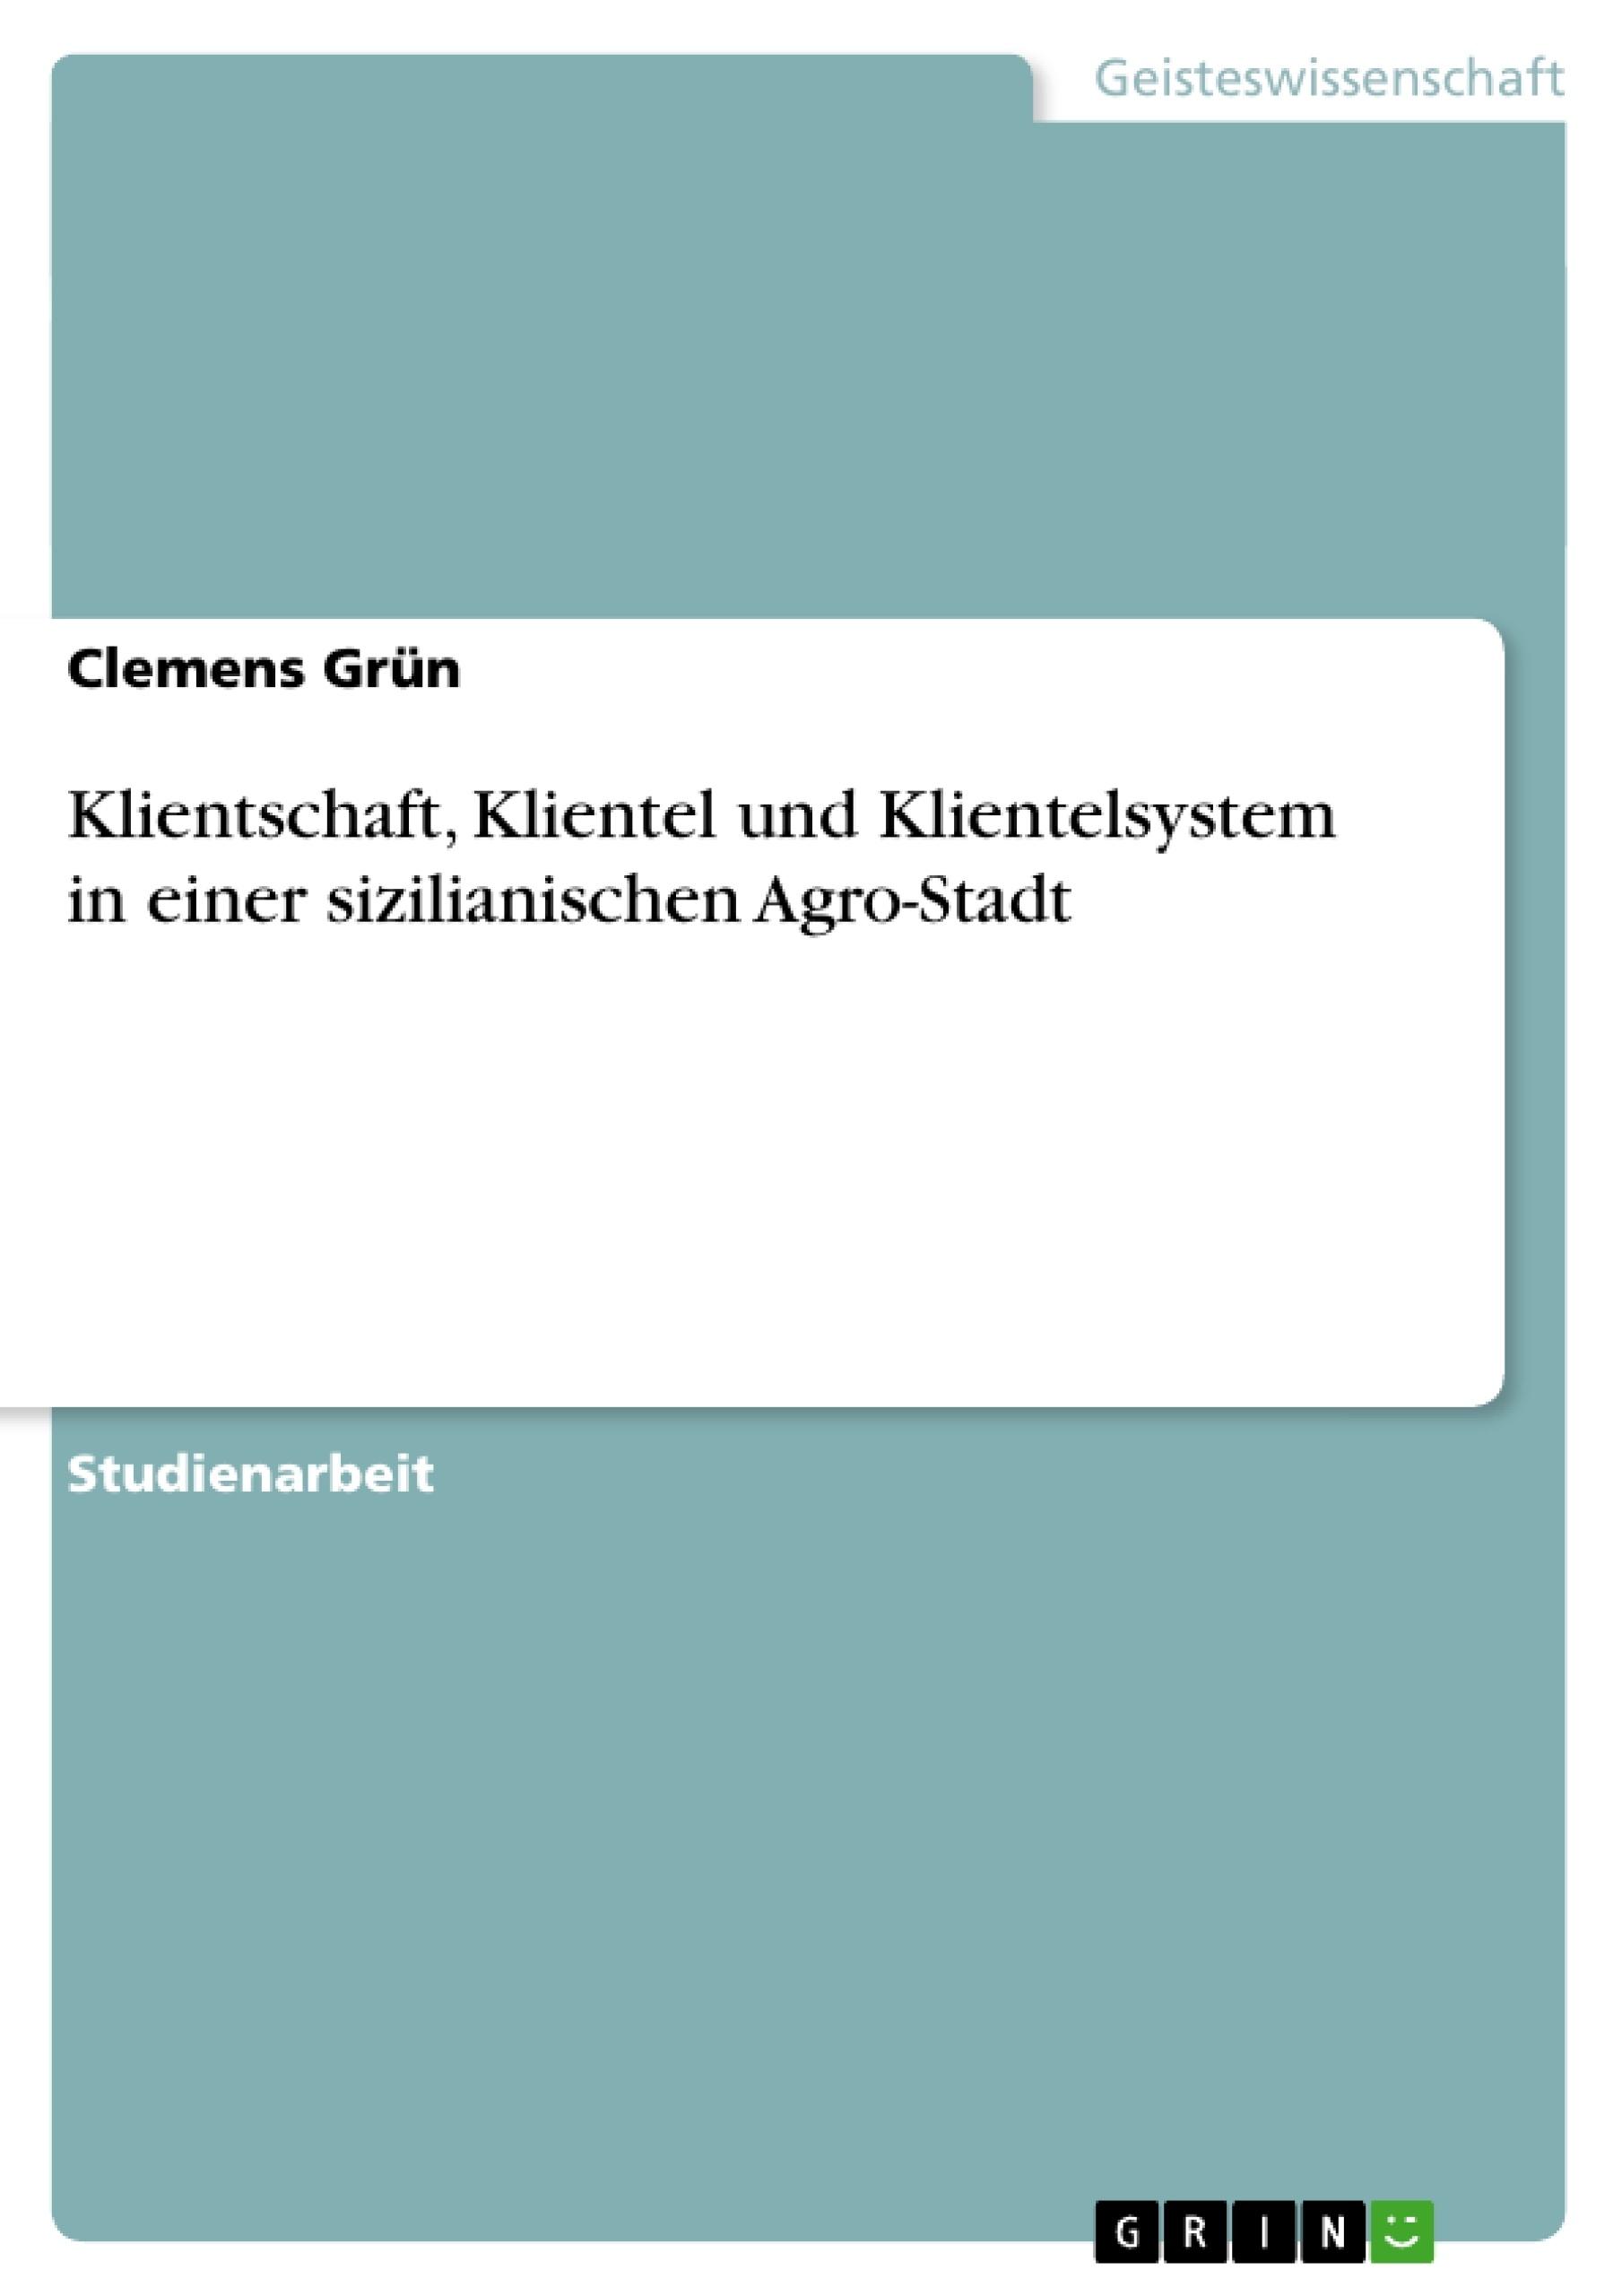 Titel: Klientschaft, Klientel und Klientelsystem in einer sizilianischen Agro-Stadt